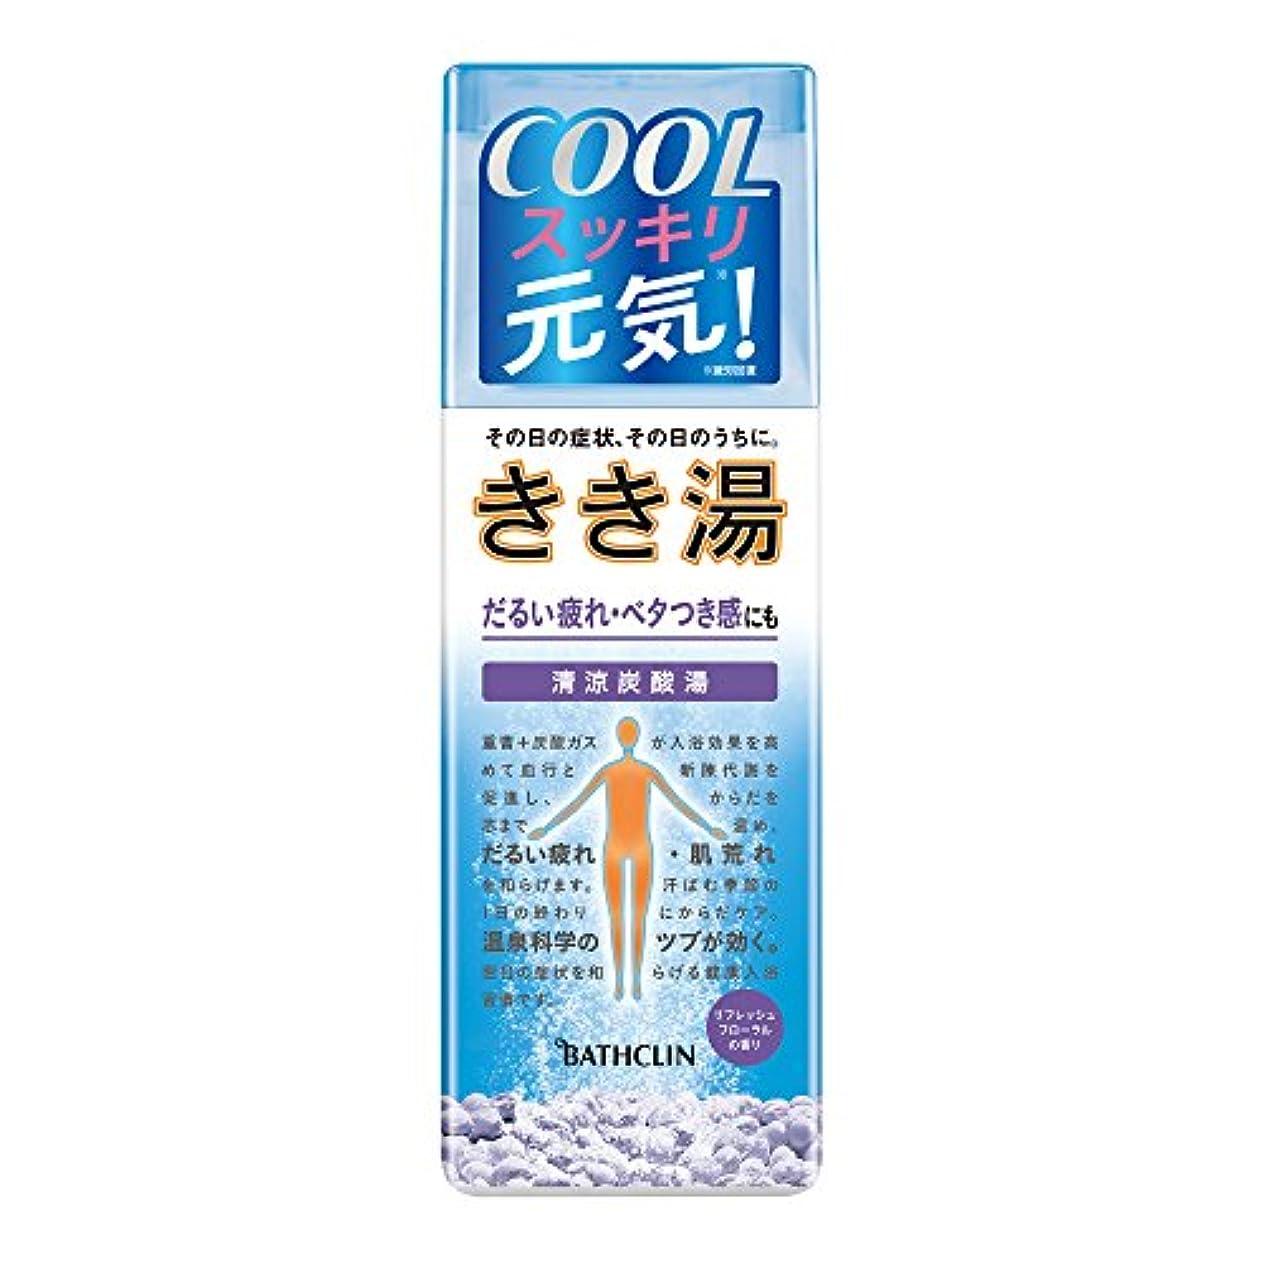 サルベージ仕立て屋元の【医薬部外品】きき湯清涼炭酸湯リフレッシュフローラルの香り 360gマリンブルーの湯透明タイプ 入浴剤